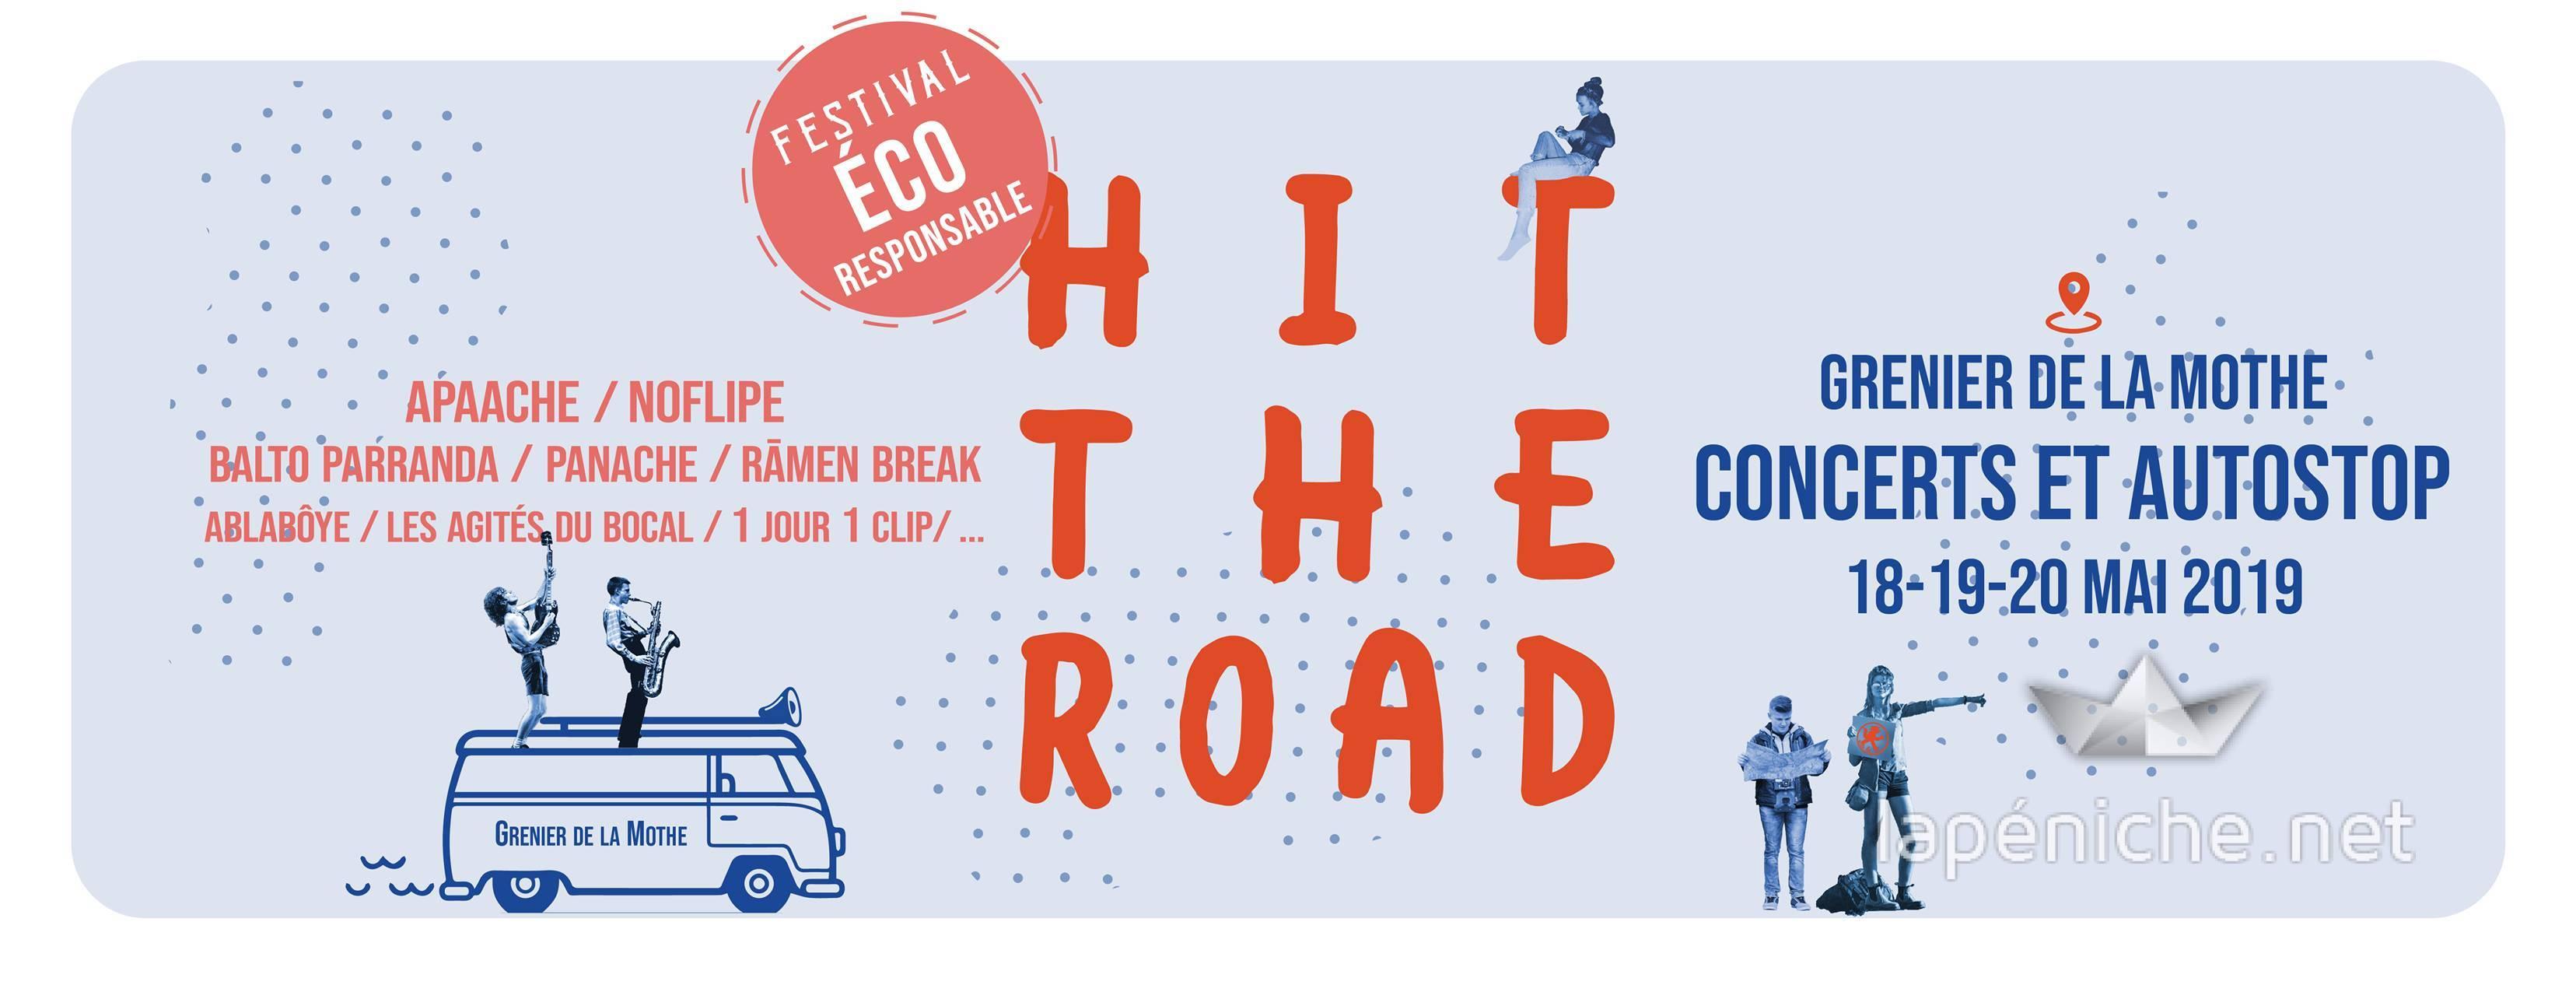 Festival Hit the Road : lever le pouce en musique !